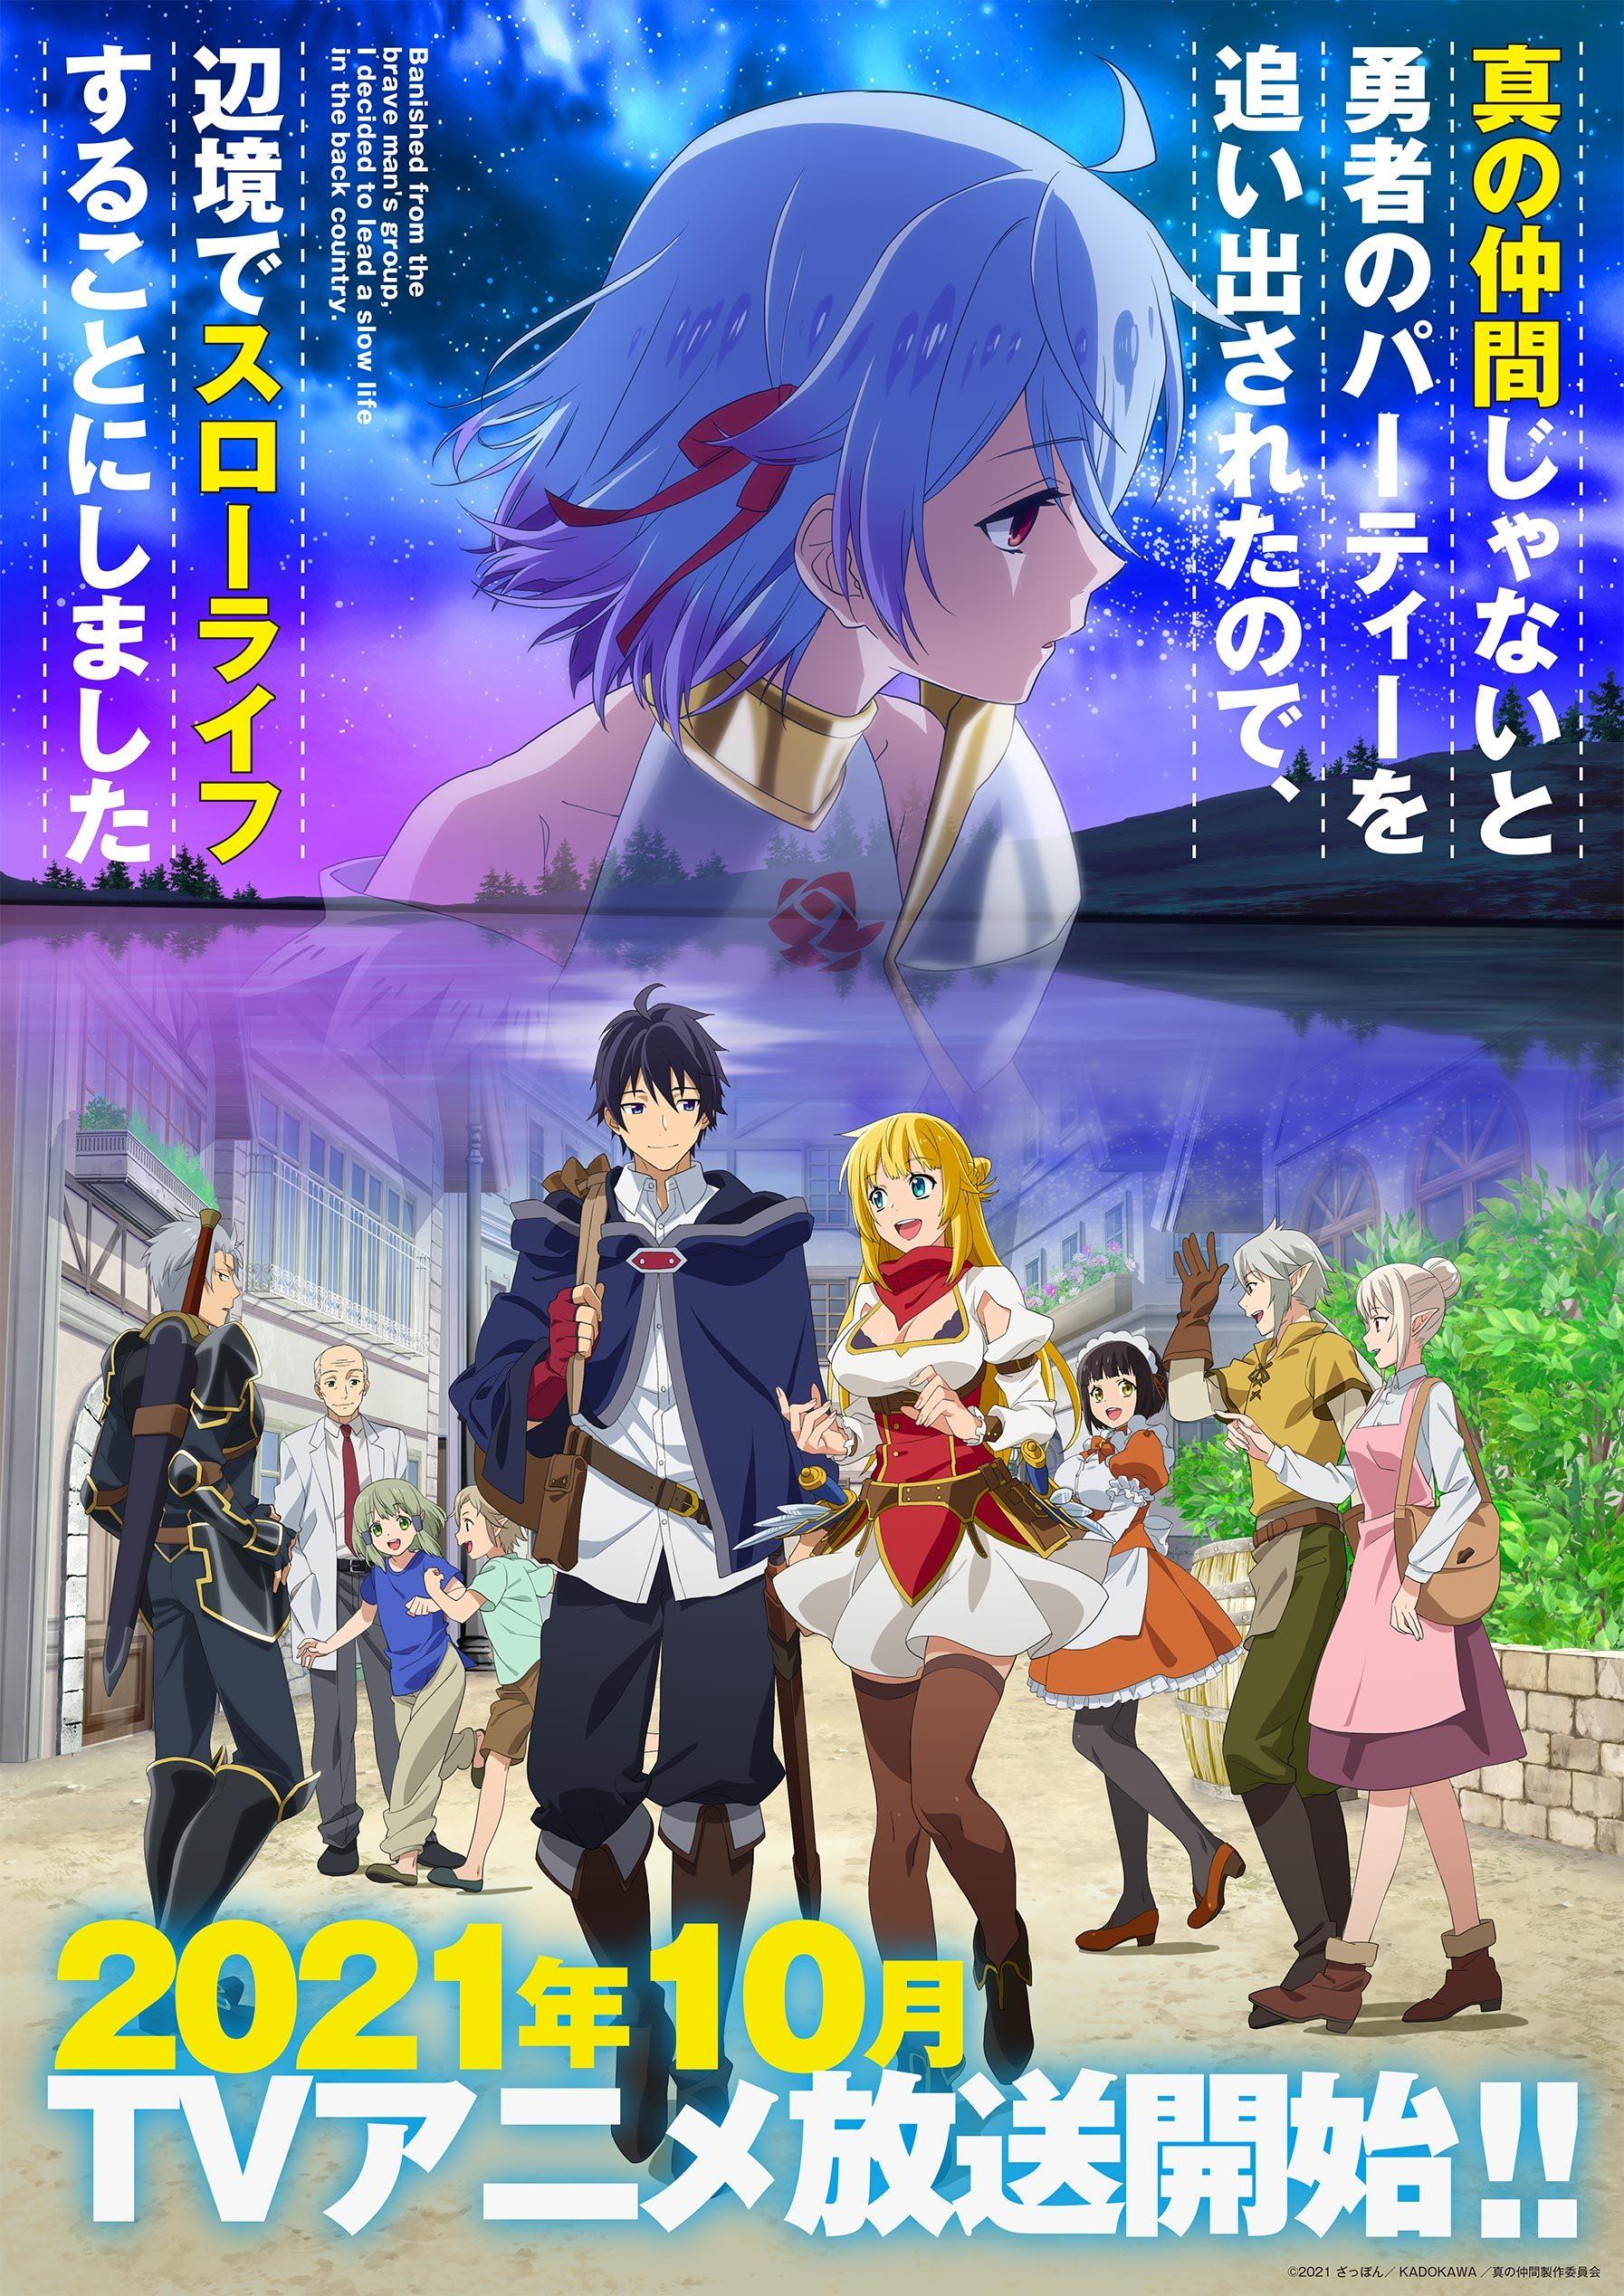 【动漫情报】轻改TV动画《因为不是真正的伙伴而….略》宣布动画延期到10月播出